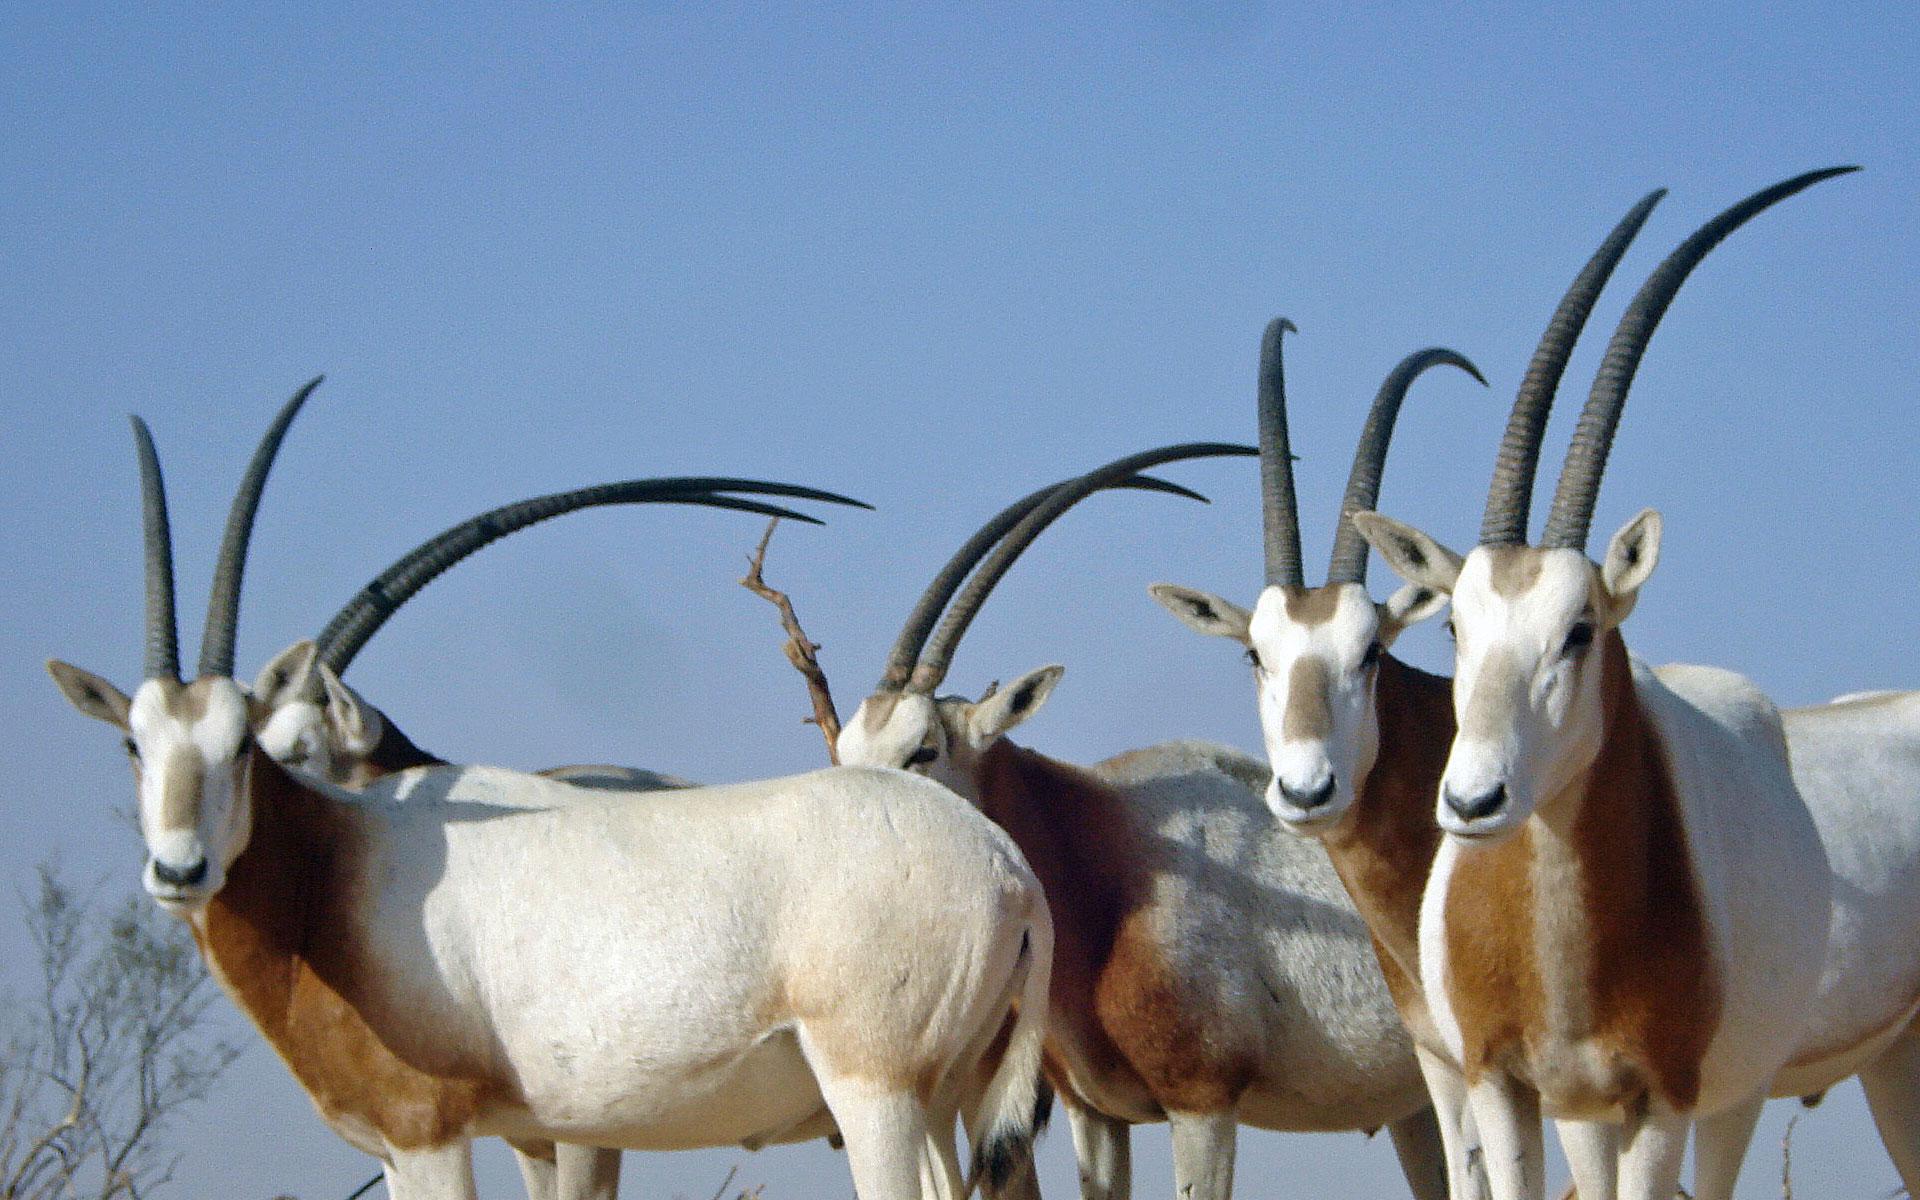 Texas Scimitar Horned Oryx Three Amigos Ranch